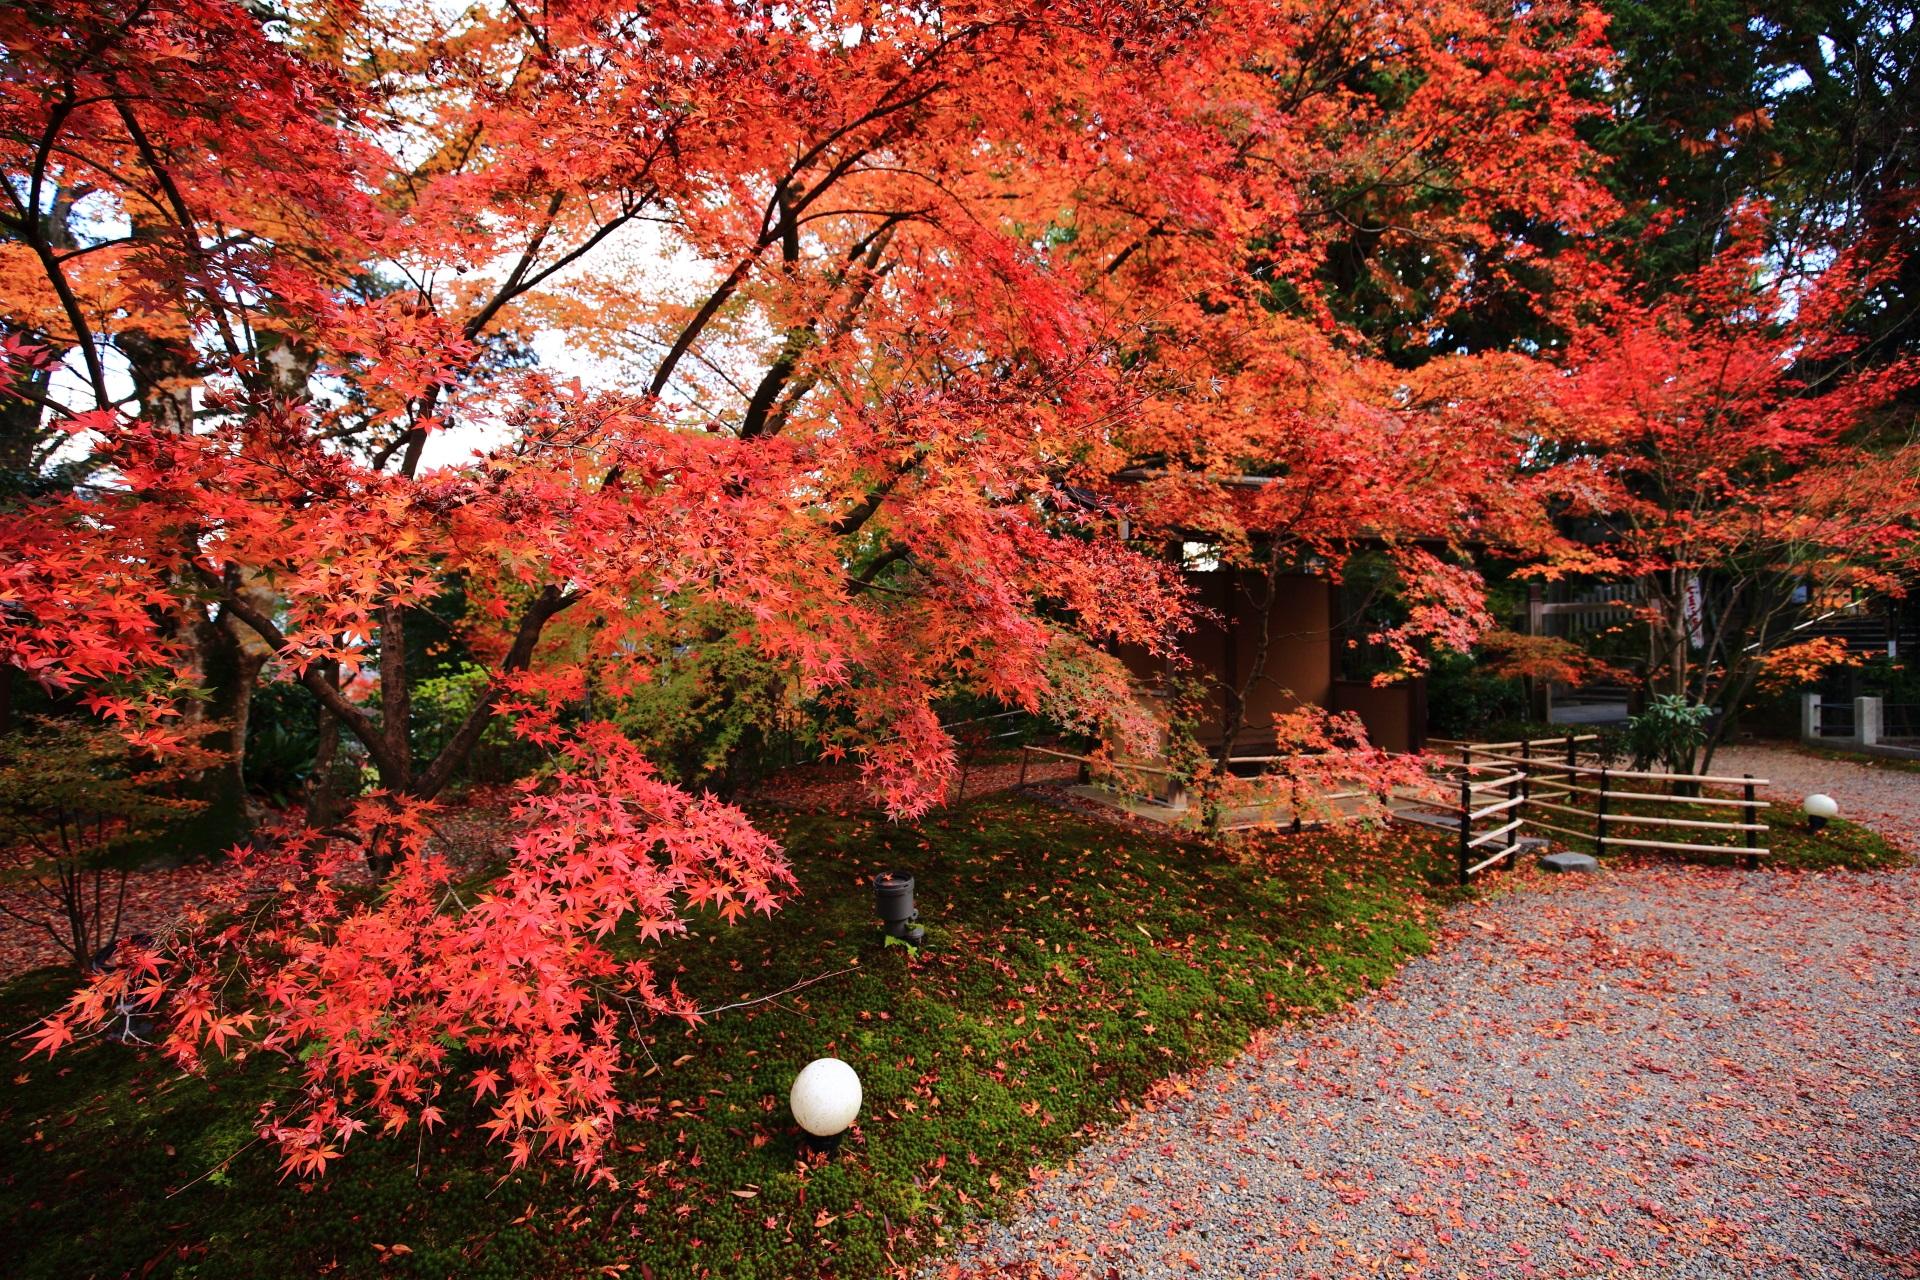 長岡天満宮の素晴らしい紅葉と秋の情景に感謝